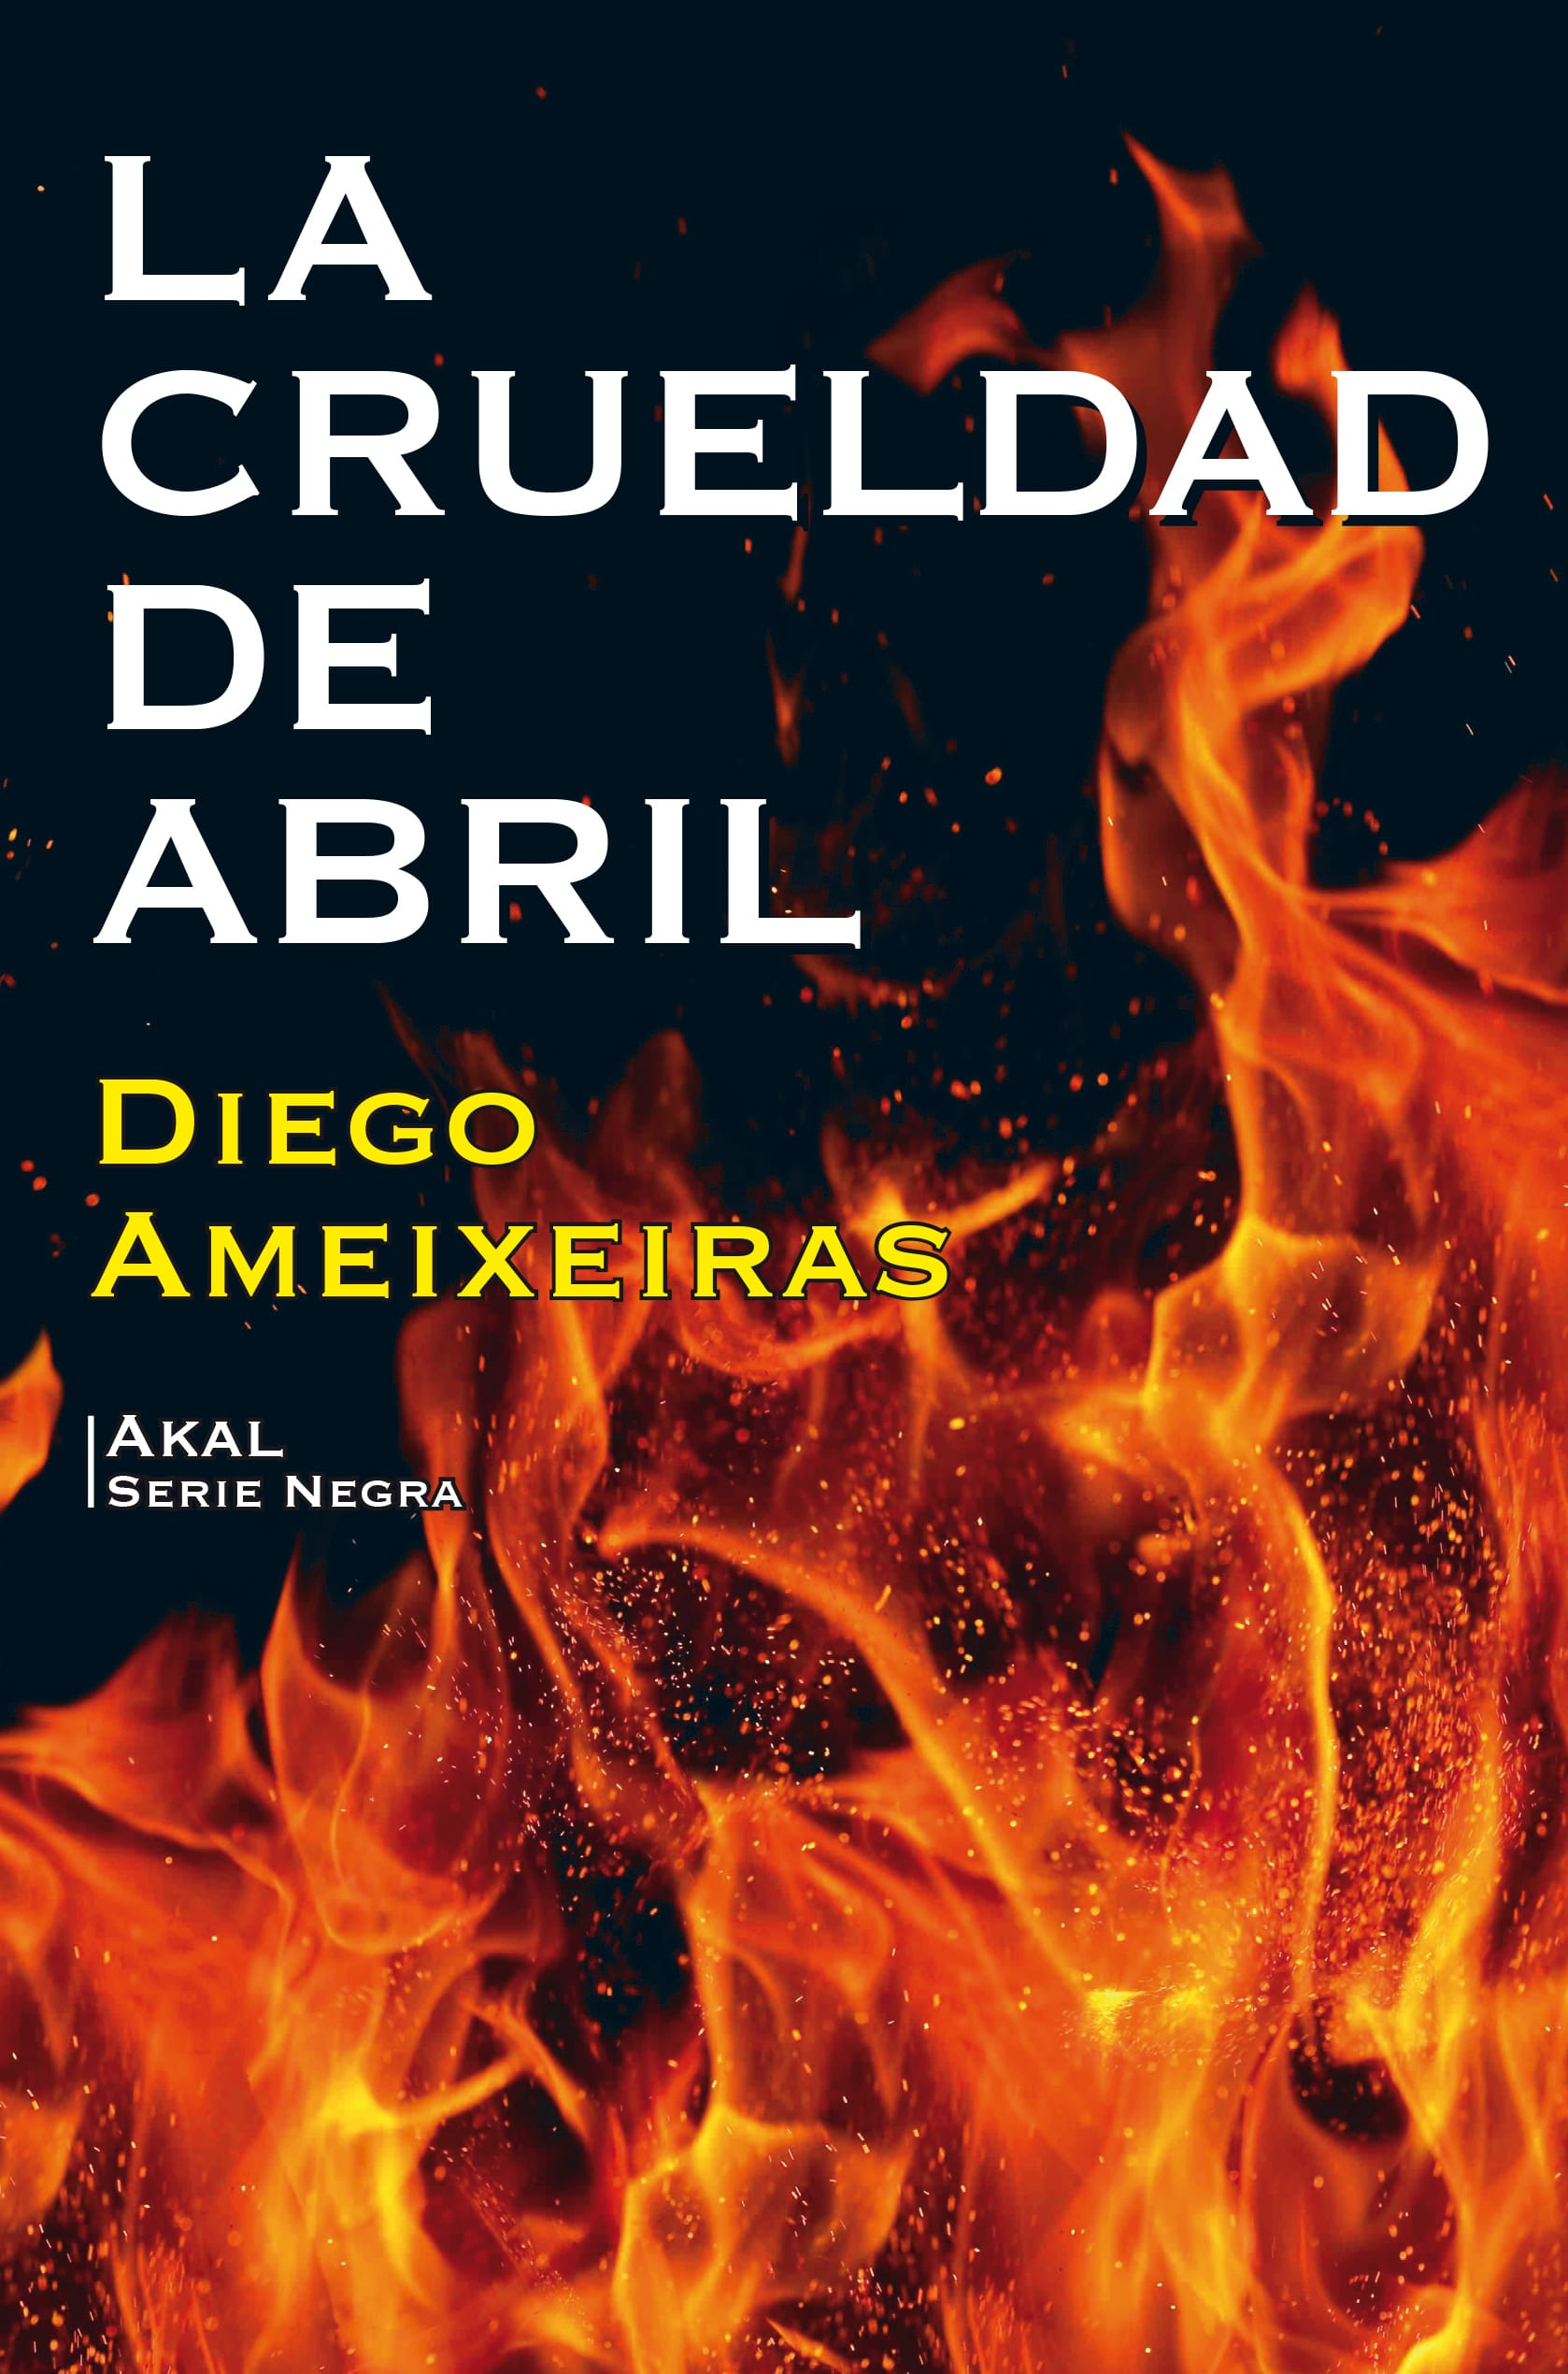 La crueldad de abril